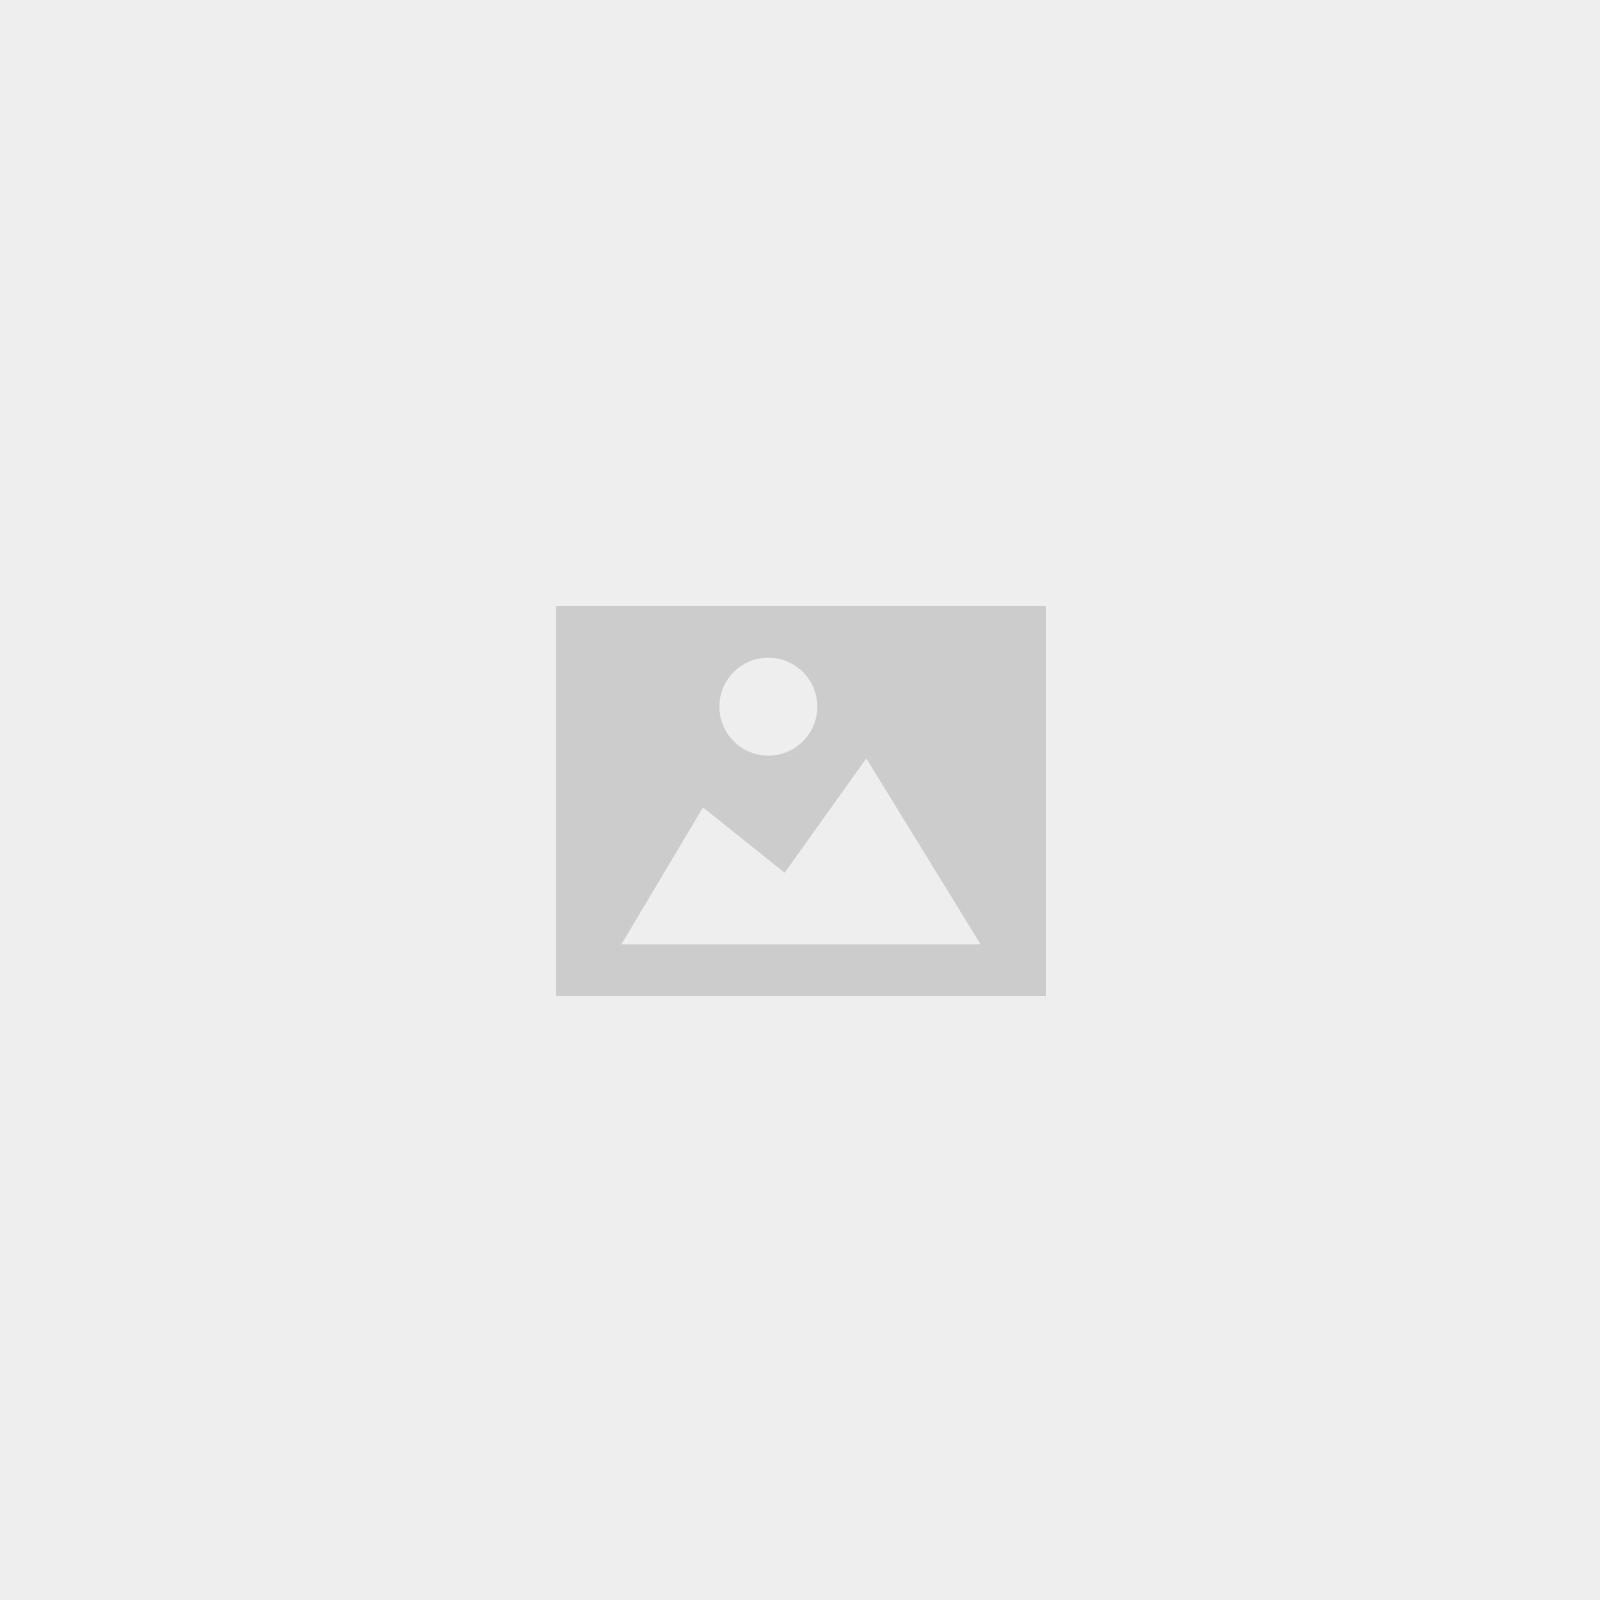 Aanmeldformulier webinar 'Wat te doen rondom pensioen'